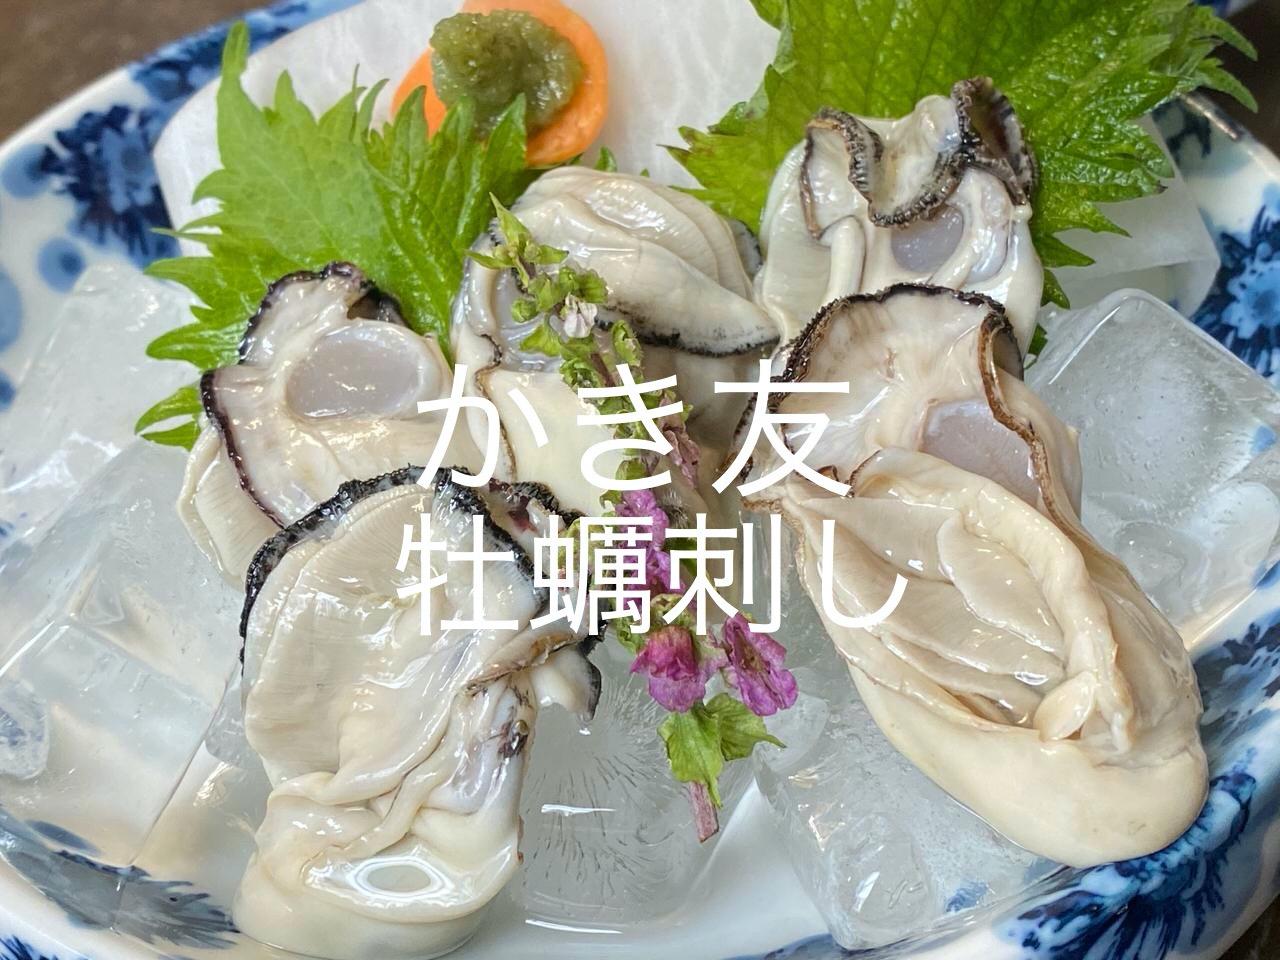 「かき友」新鮮でプリプリの牡蠣刺しとカキフライ定食が絶品!(広島県呉市)